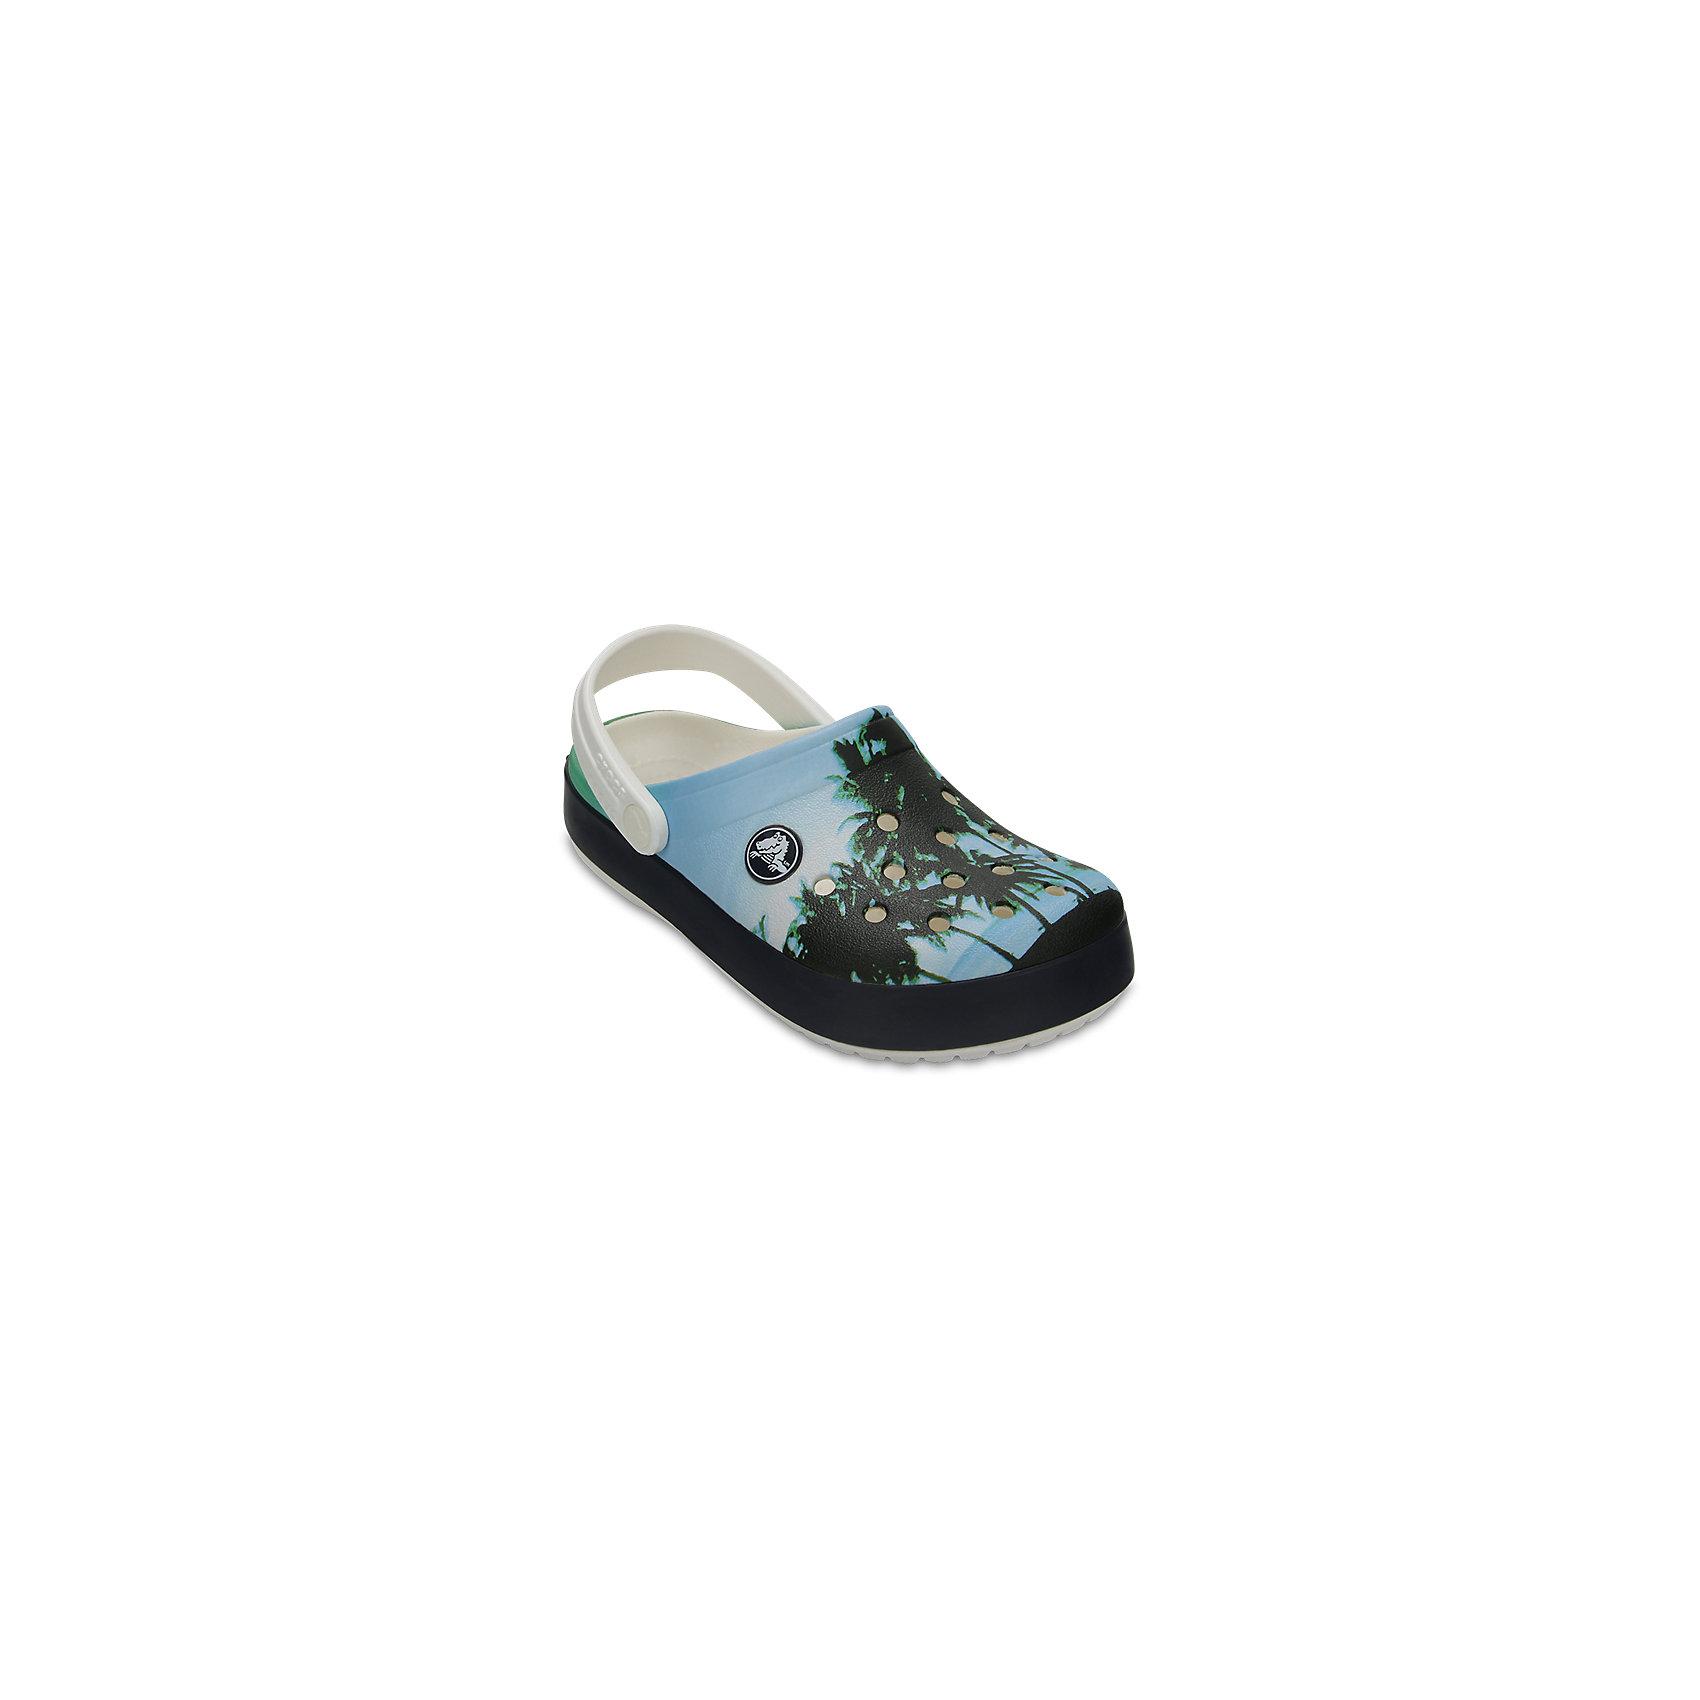 Сабо Kids Classic для мальчика CROCSПляжная обувь<br>Характеристики товара:<br><br>• цвет: разноцветный<br>• принт: пальмы<br>• сезон: лето<br>• тип: пляжная обувь<br>• материал: 100% полимер Croslite™<br>• под воздействием температуры тела принимают форму стопы<br>• полностью литая модель<br>• вентиляционные отверстия<br>• бактериостатичный материал<br>• пяточный ремешок фиксирует стопу<br>• отверстия для использования украшений<br>• анатомическая стелька с массажными точками<br>• страна бренда: США<br>• страна изготовитель: Китай<br><br>Для правильного развития ребенка крайне важно, чтобы обувь была удобной.<br><br>Такие сабо обеспечивают детям необходимый комфорт, а анатомическая стелька с массажными линиями для стимуляции кровообращения позволяет ножкам дольше не уставать. <br><br>Материал, из которого они сделаны, не дает размножаться бактериям, поэтому такая обувь препятствует образованию неприятного запаха и появлению болезней стоп.<br><br>Обувь от американского бренда Crocs в данный момент завоевала широкую популярность во всем мире, и это не удивительно - ведь она невероятно удобна. <br><br>Её носят врачи, спортсмены, звёзды шоу-бизнеса, люди, которым много времени приходится бывать на ногах - они понимают, как важна комфортная обувь. <br><br>Продукция Crocs - это качественные товары, созданные с применением новейших технологий. <br><br>Обувь отличается стильным дизайном и продуманной конструкцией. Изделие производится из качественных и проверенных материалов, которые безопасны для детей.<br><br>Сабо Kids Classic от торговой марки Crocs можно купить в нашем интернет-магазине.<br><br>Ширина мм: 225<br>Глубина мм: 139<br>Высота мм: 112<br>Вес г: 290<br>Цвет: разноцветный<br>Возраст от месяцев: 132<br>Возраст до месяцев: 144<br>Пол: Мужской<br>Возраст: Детский<br>Размер: 34/35,27,28,29,30,21,22,23,24,25,26,31/32,33/34<br>SKU: 5416552